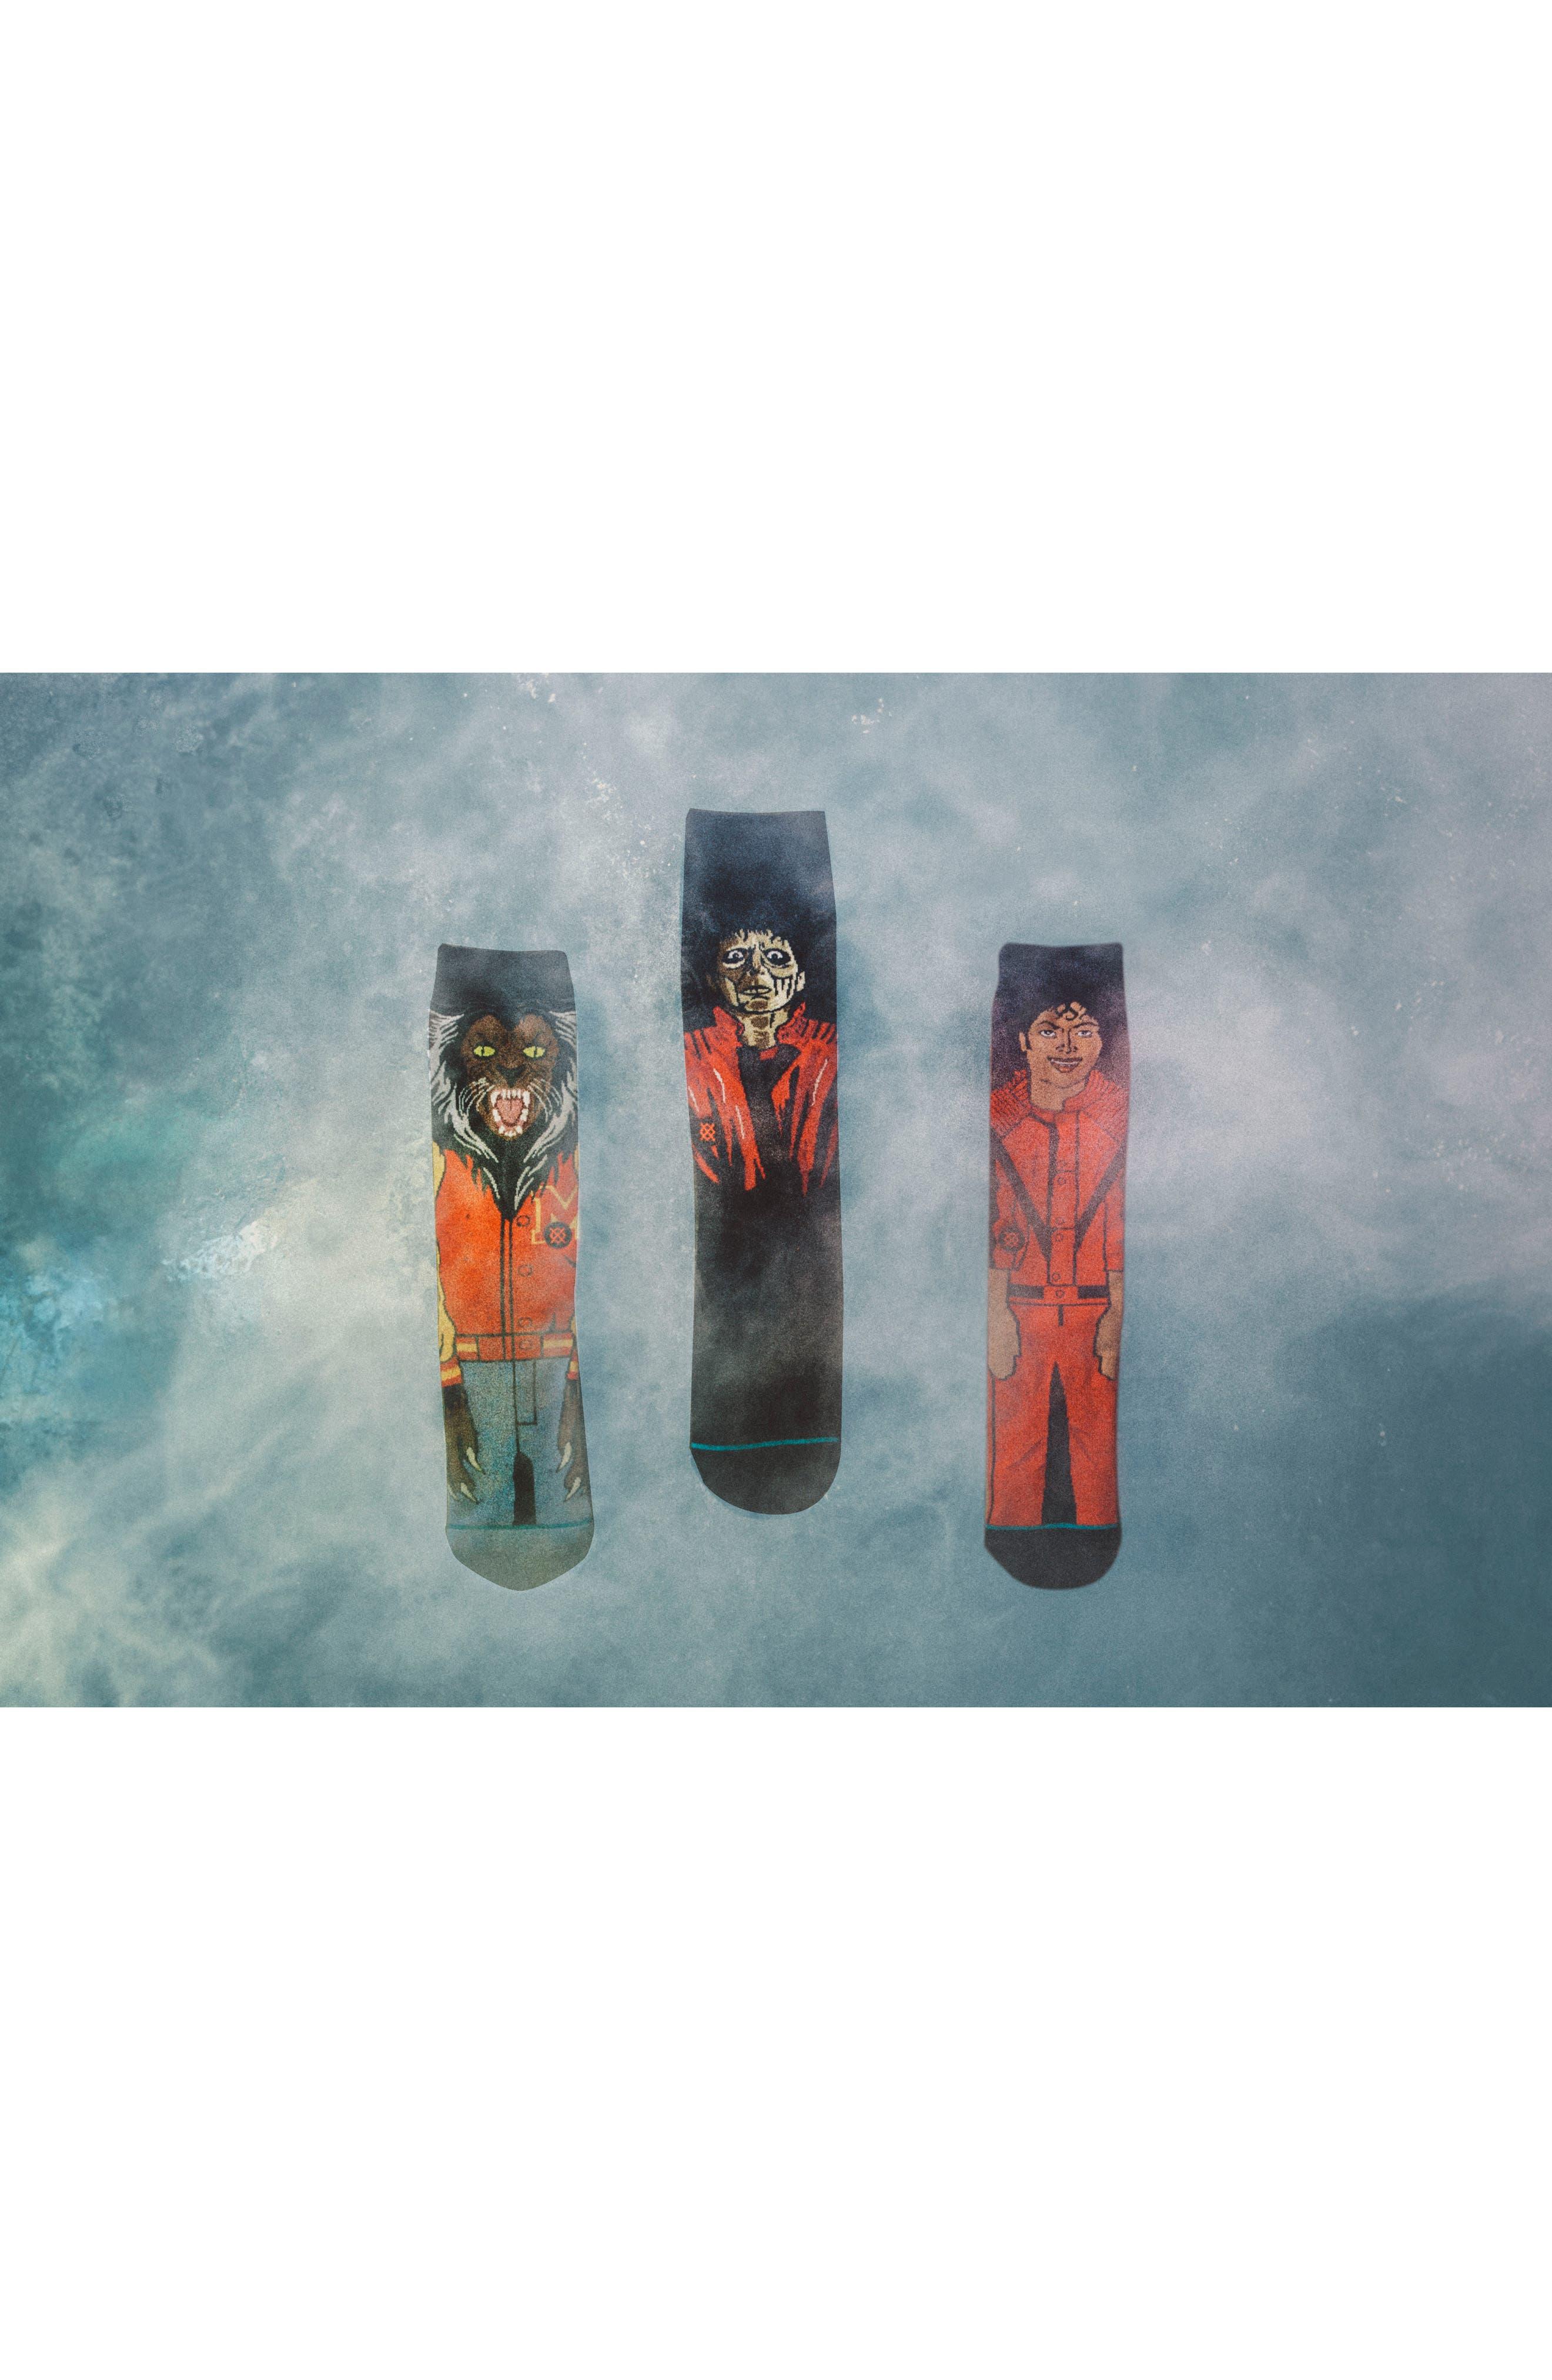 3-Pack Michael Jackson Thriller Socks,                             Alternate thumbnail 4, color,                             Red Multi